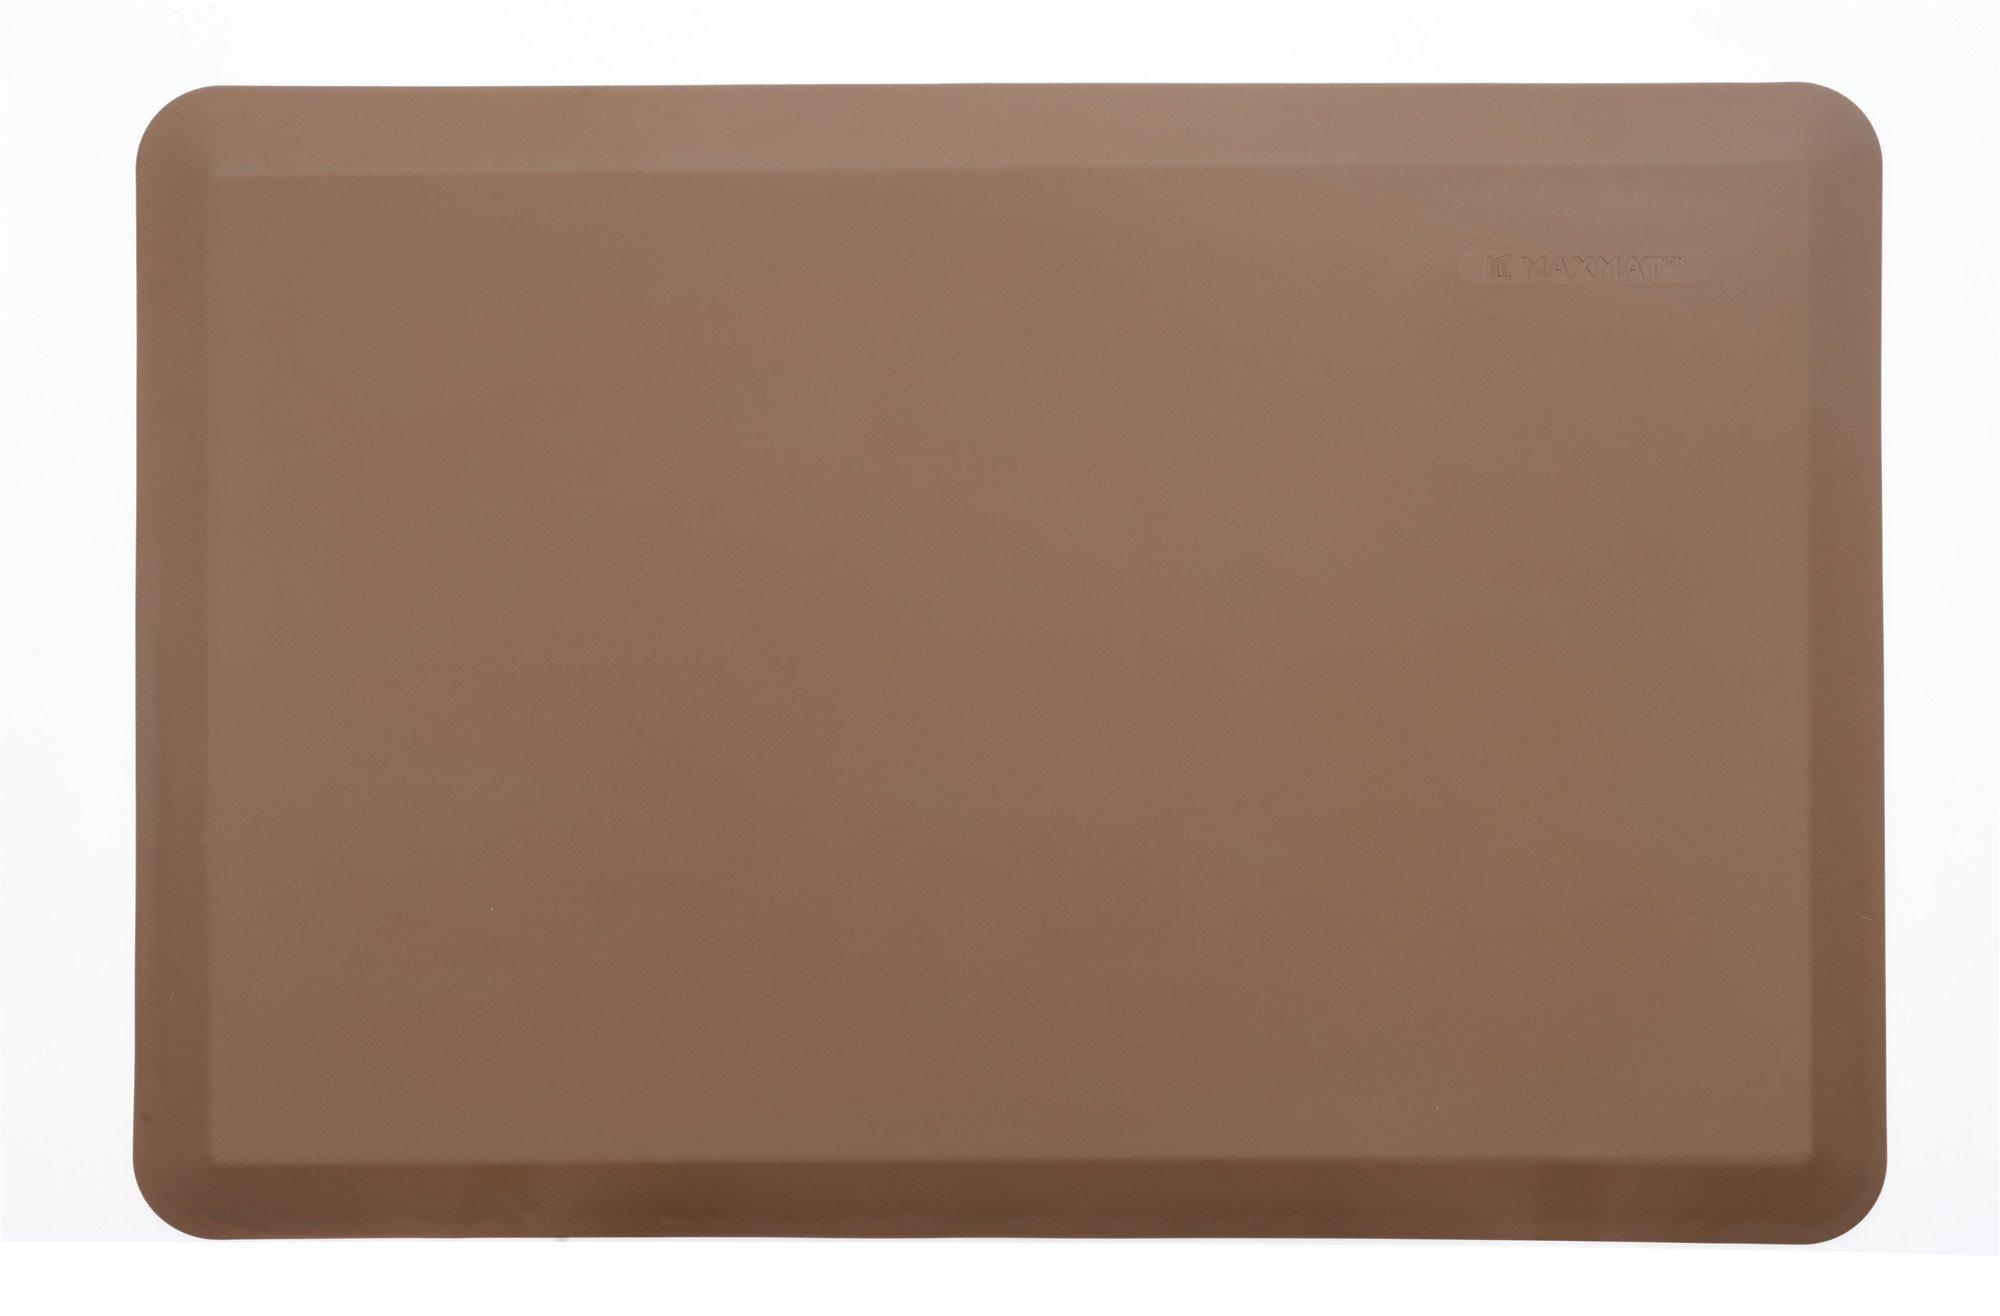 MaxMat Original Anti Fatigue Standings Cushioned Kitchen Mats, 24'' L x 36'' W x 0.8'', Khaki by MaxMat